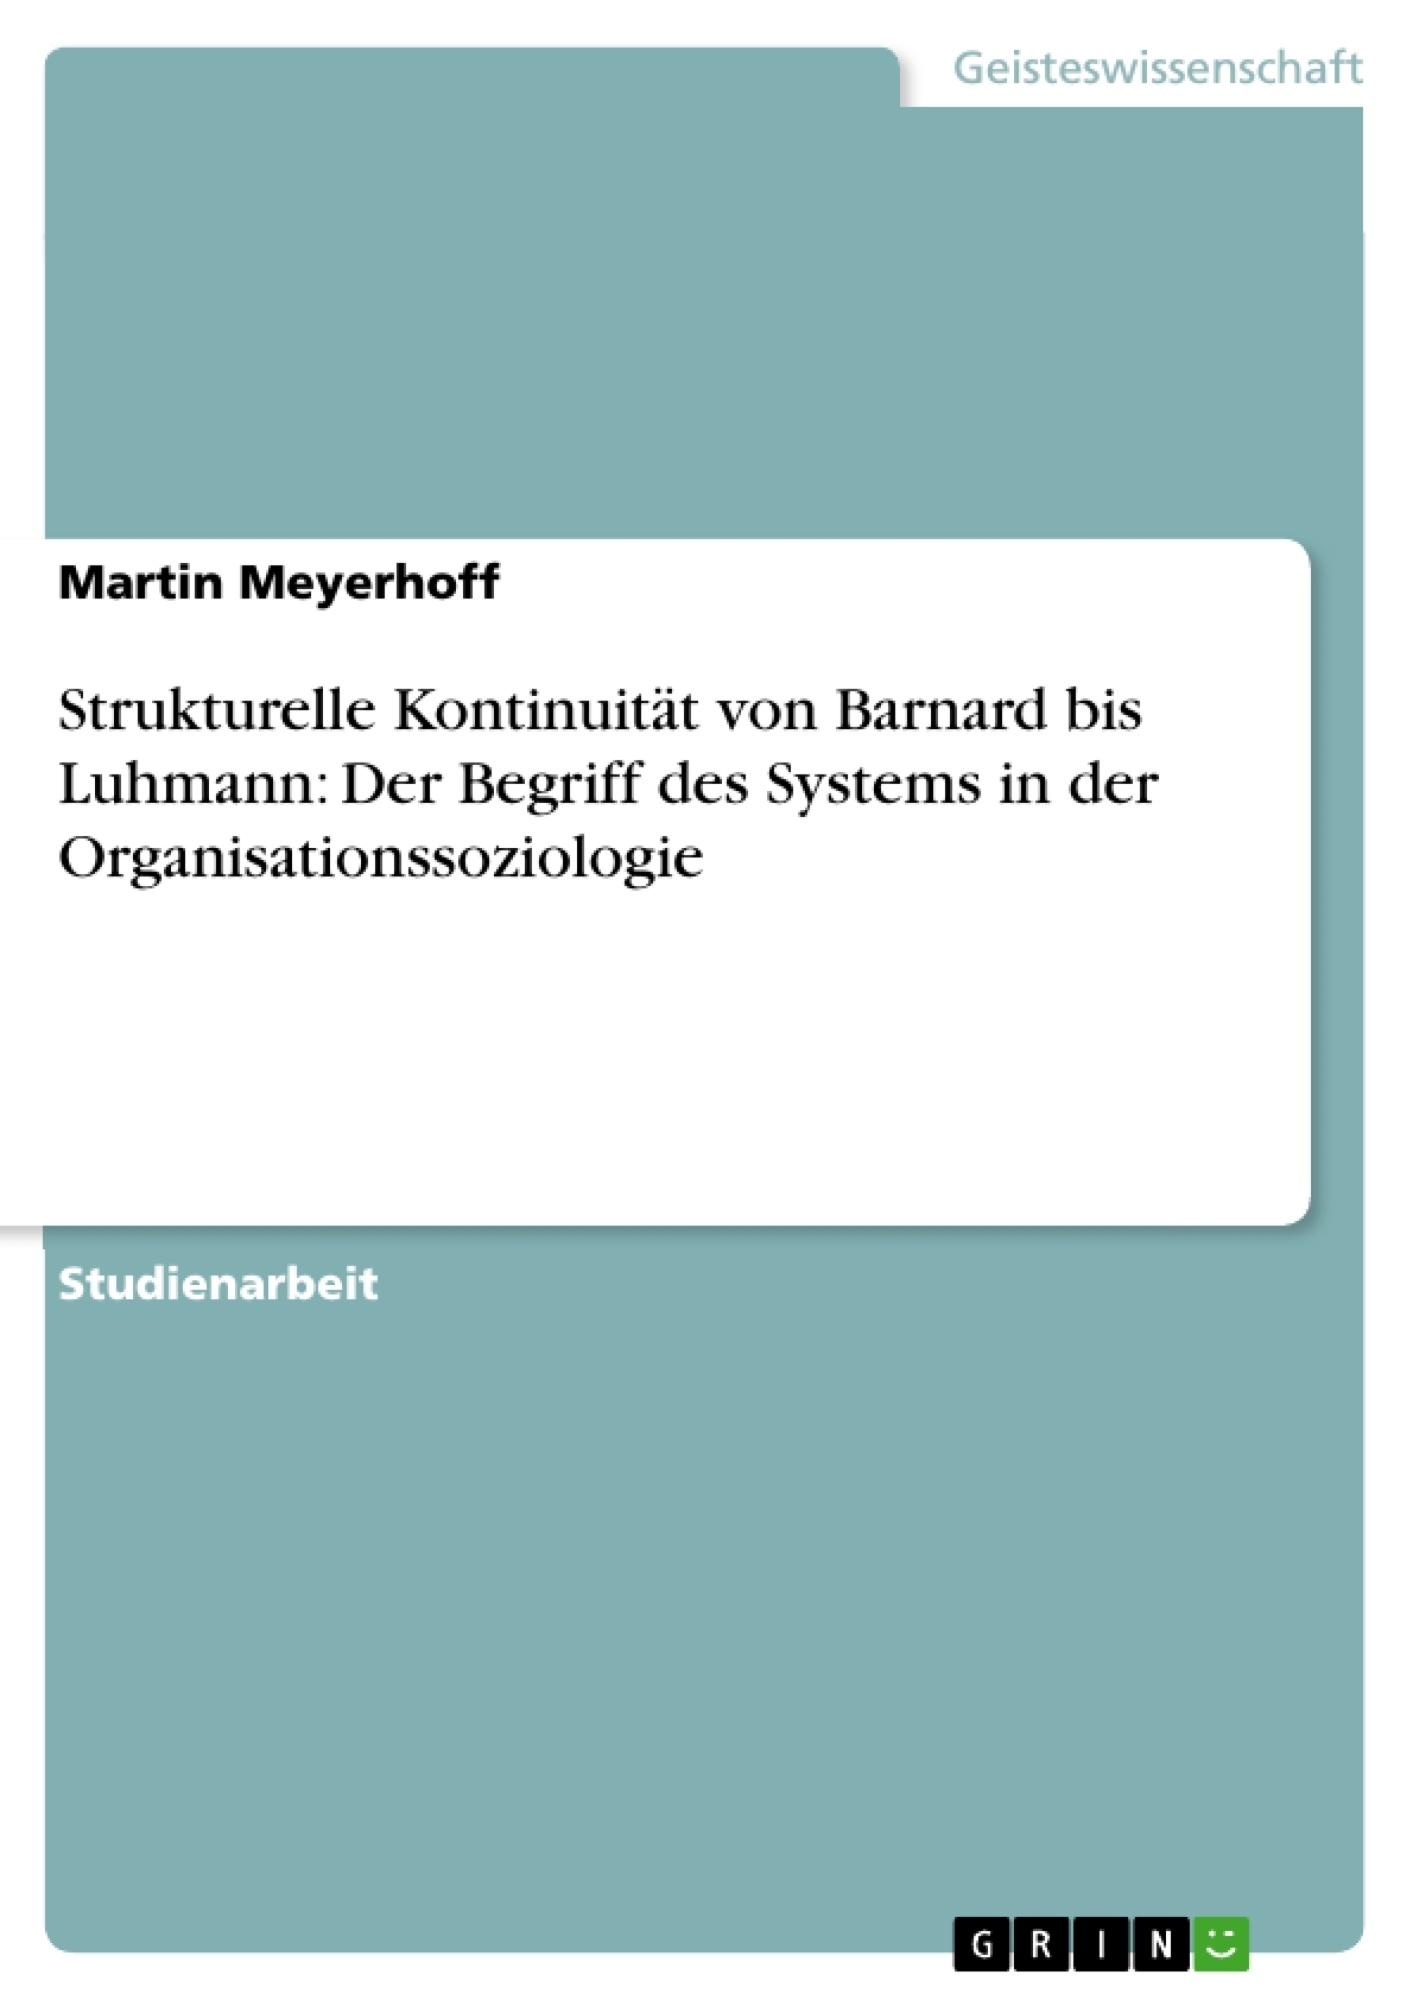 Titel: Strukturelle Kontinuität von Barnard bis Luhmann: Der Begriff des Systems in der Organisationssoziologie